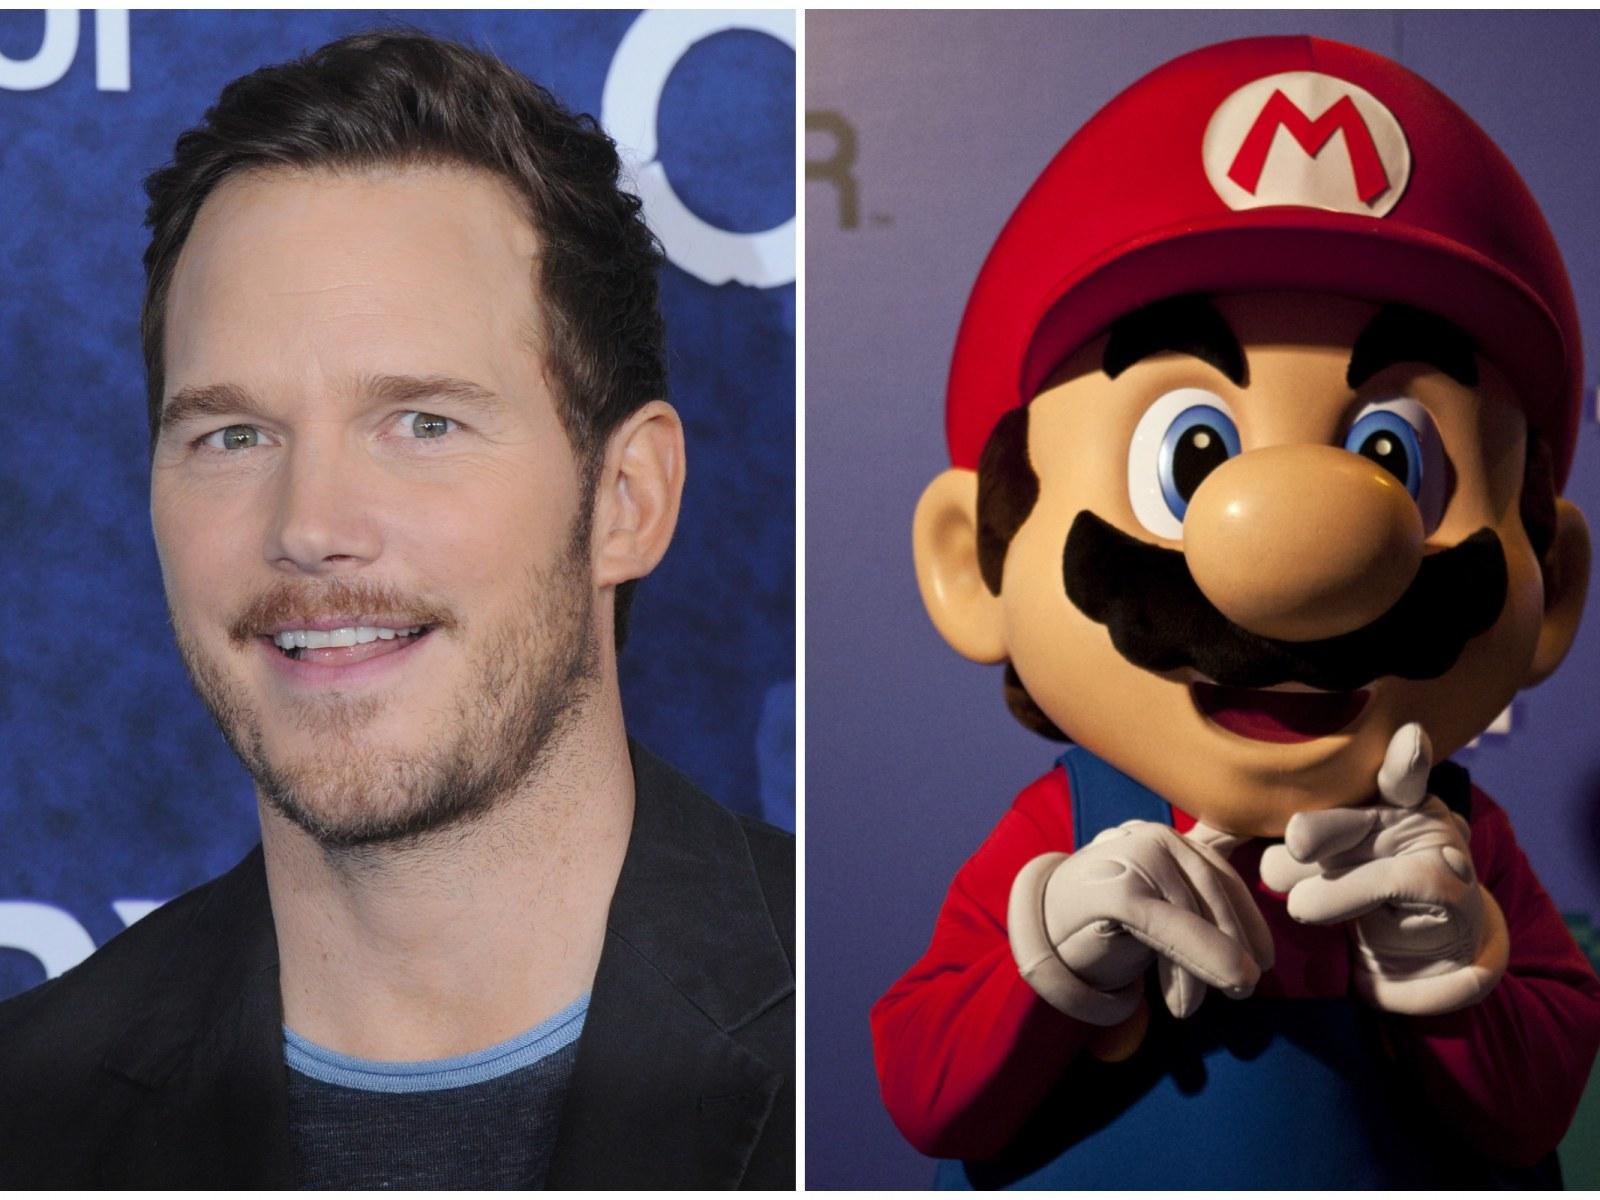 Voice of Chris Pratt Mario in the Super Mario movie